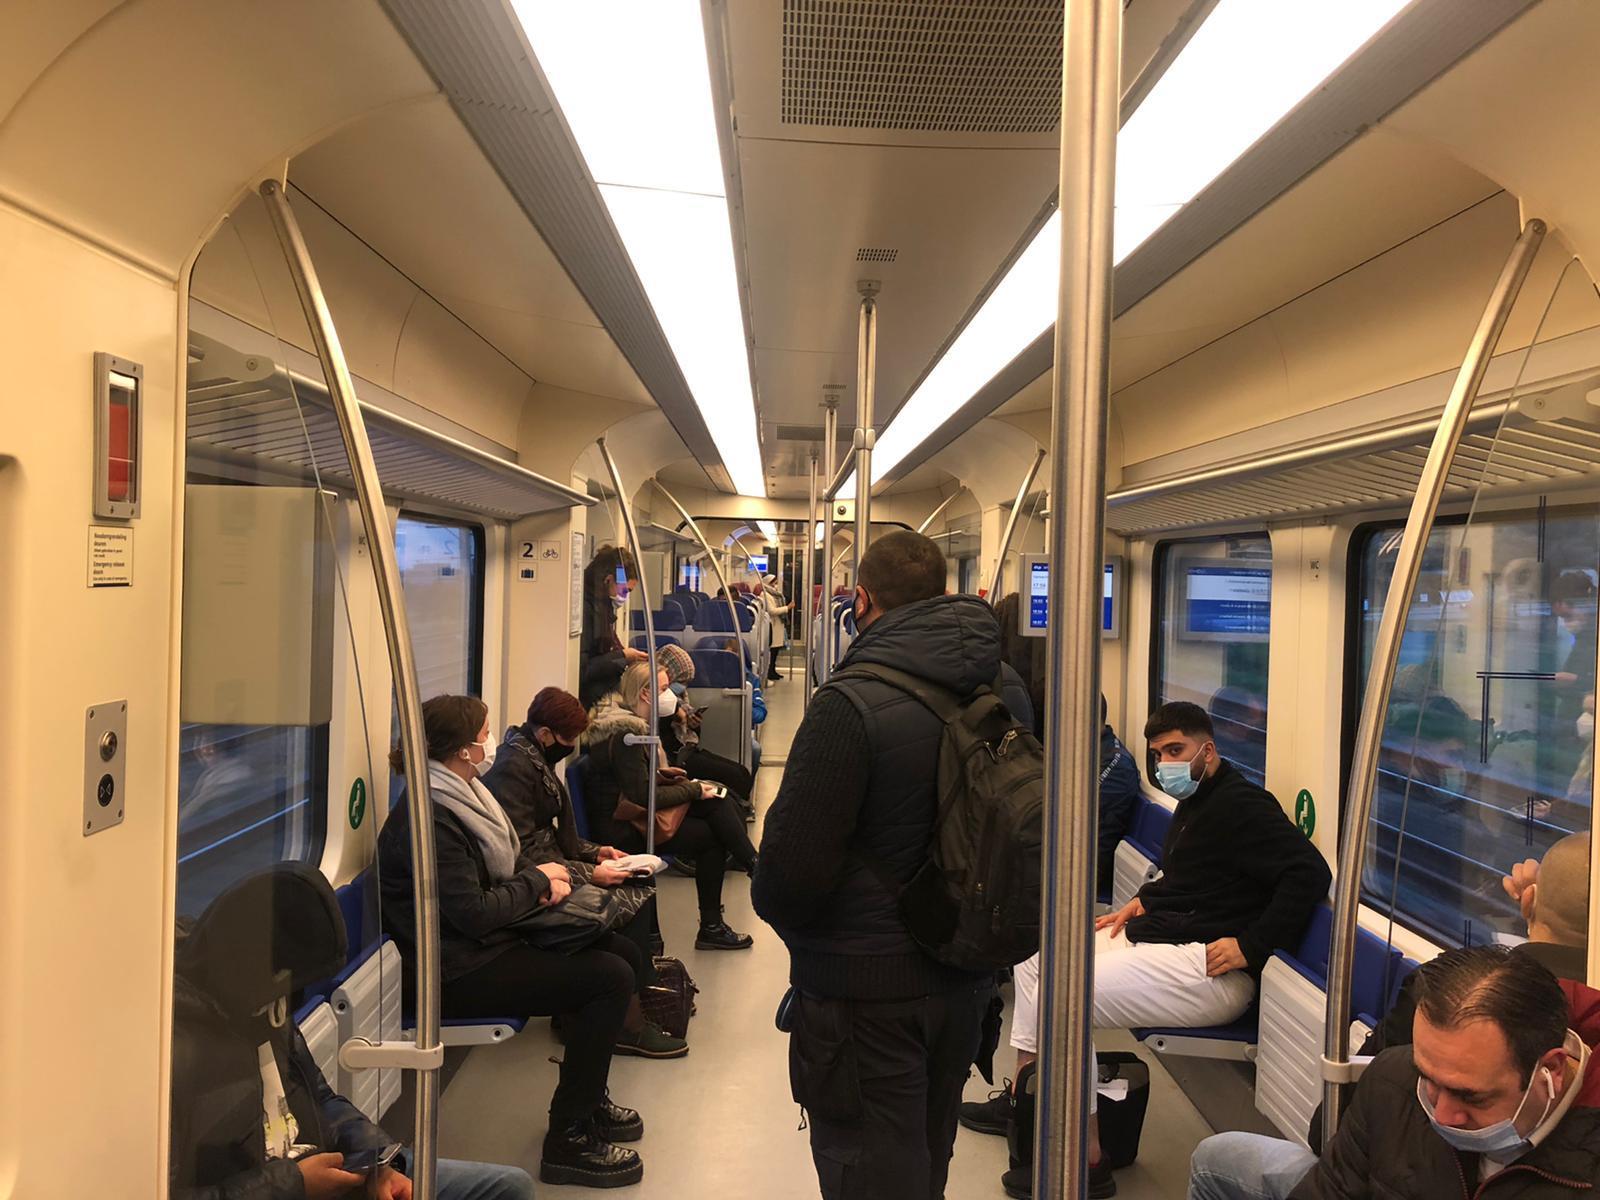 NS zet minder treinen in tijdens de spits op traject Zaandam, reizigers op een kluitje: 'Ik probeer zo ver mogelijk weg te blijven van zwangeren en ouderen'